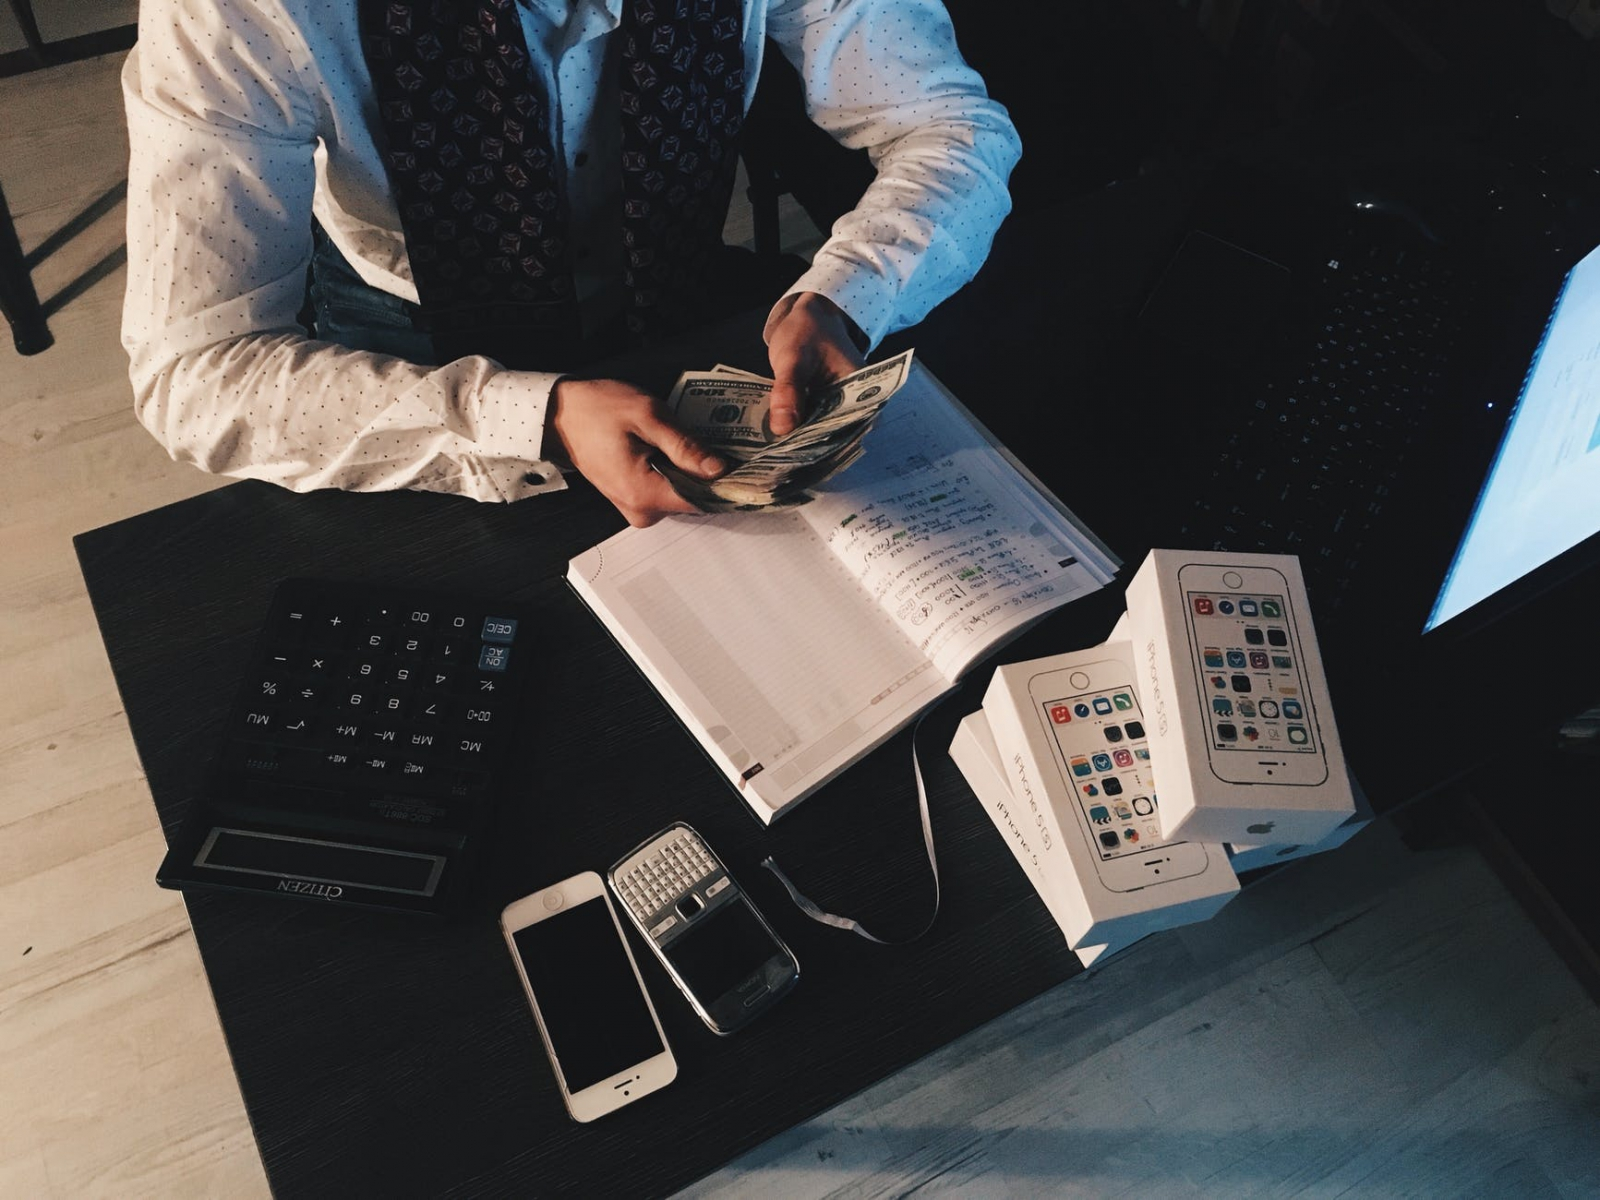 【理財專知】你知道股市行事曆嗎?每年月分都該注意的大事看這裡